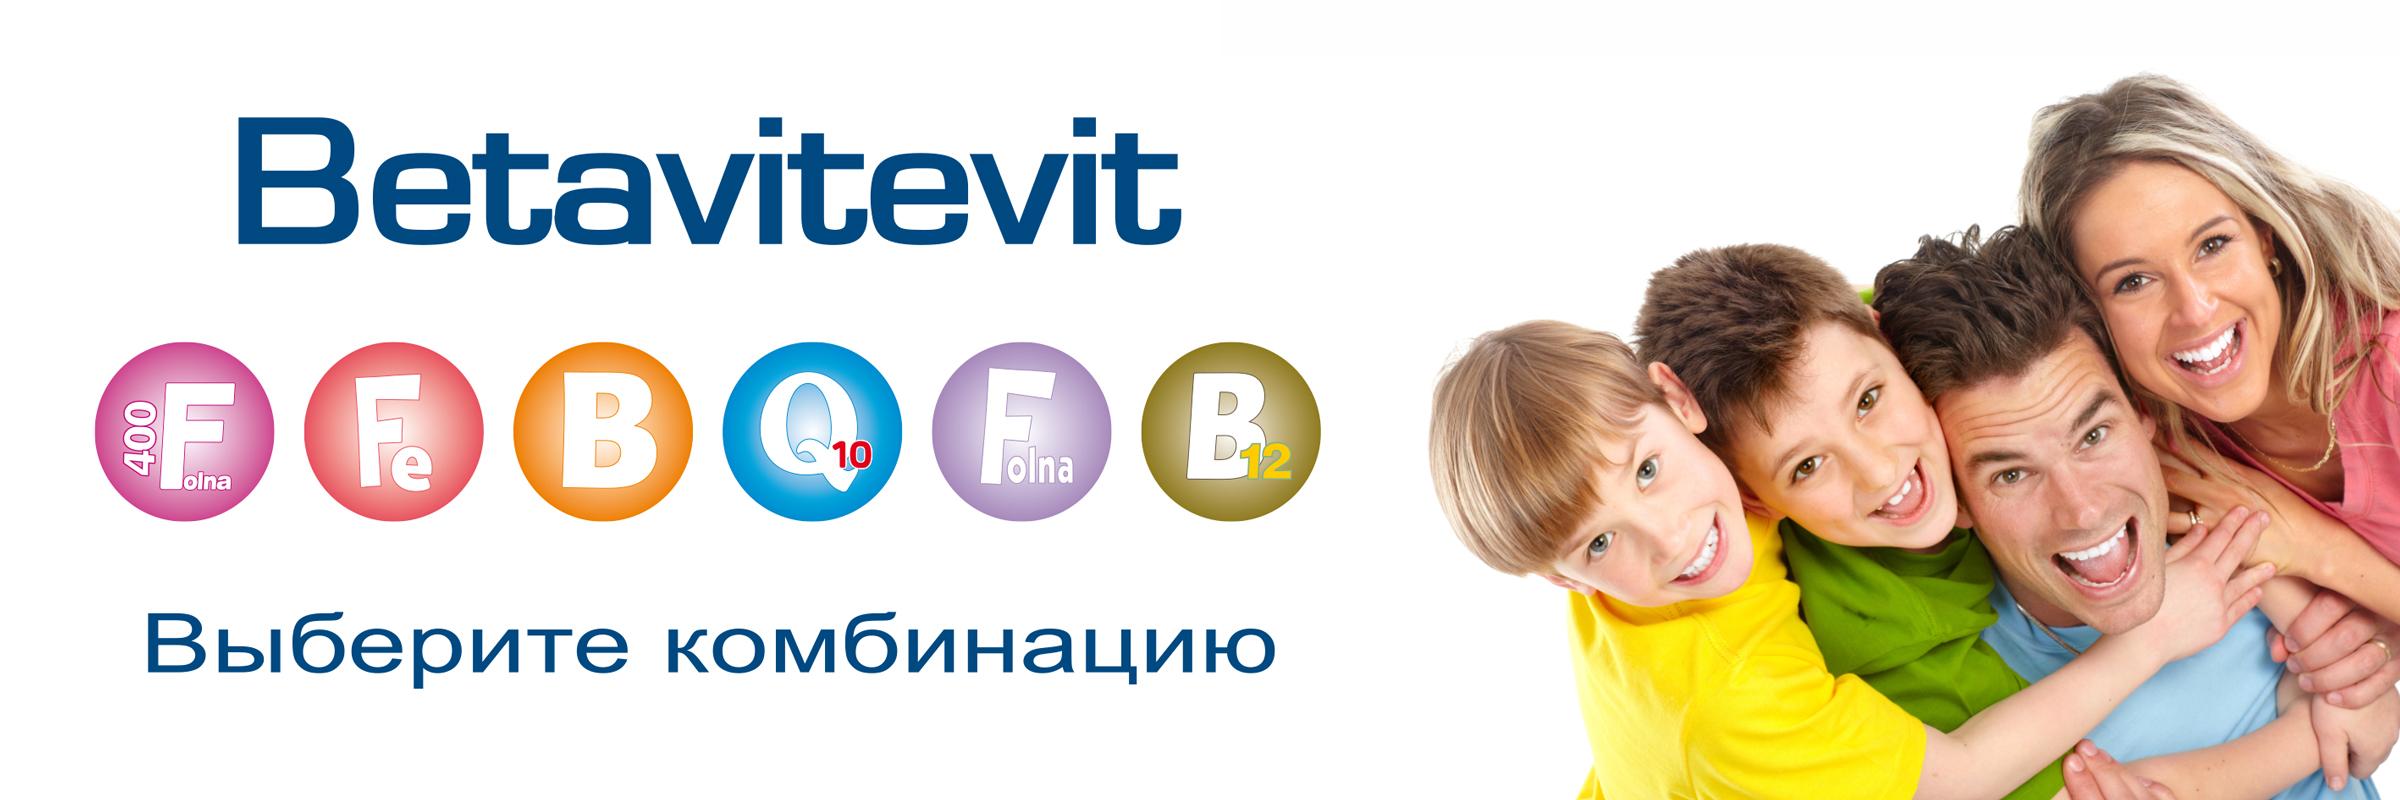 Коллекция Бетавитевит